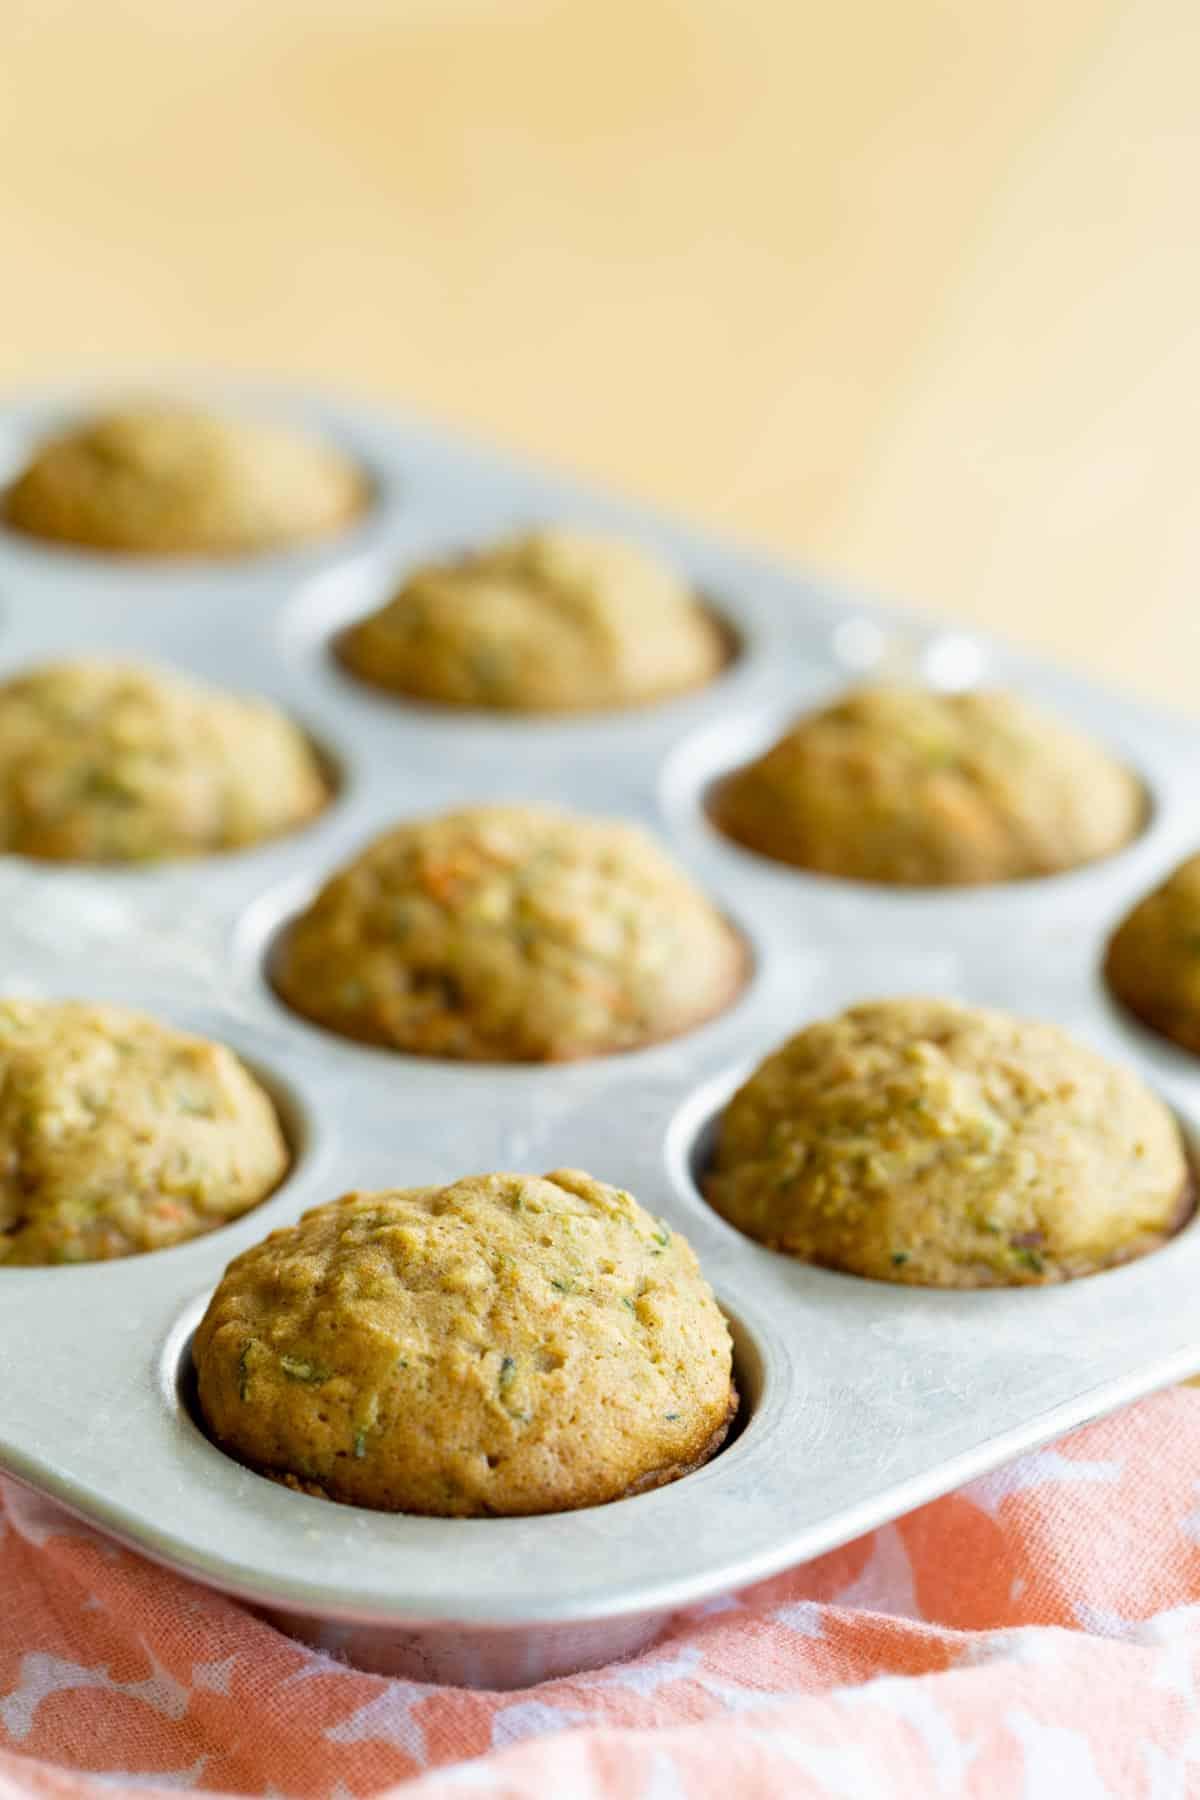 gluten free zucchini carrot muffins in a mini muffin tin